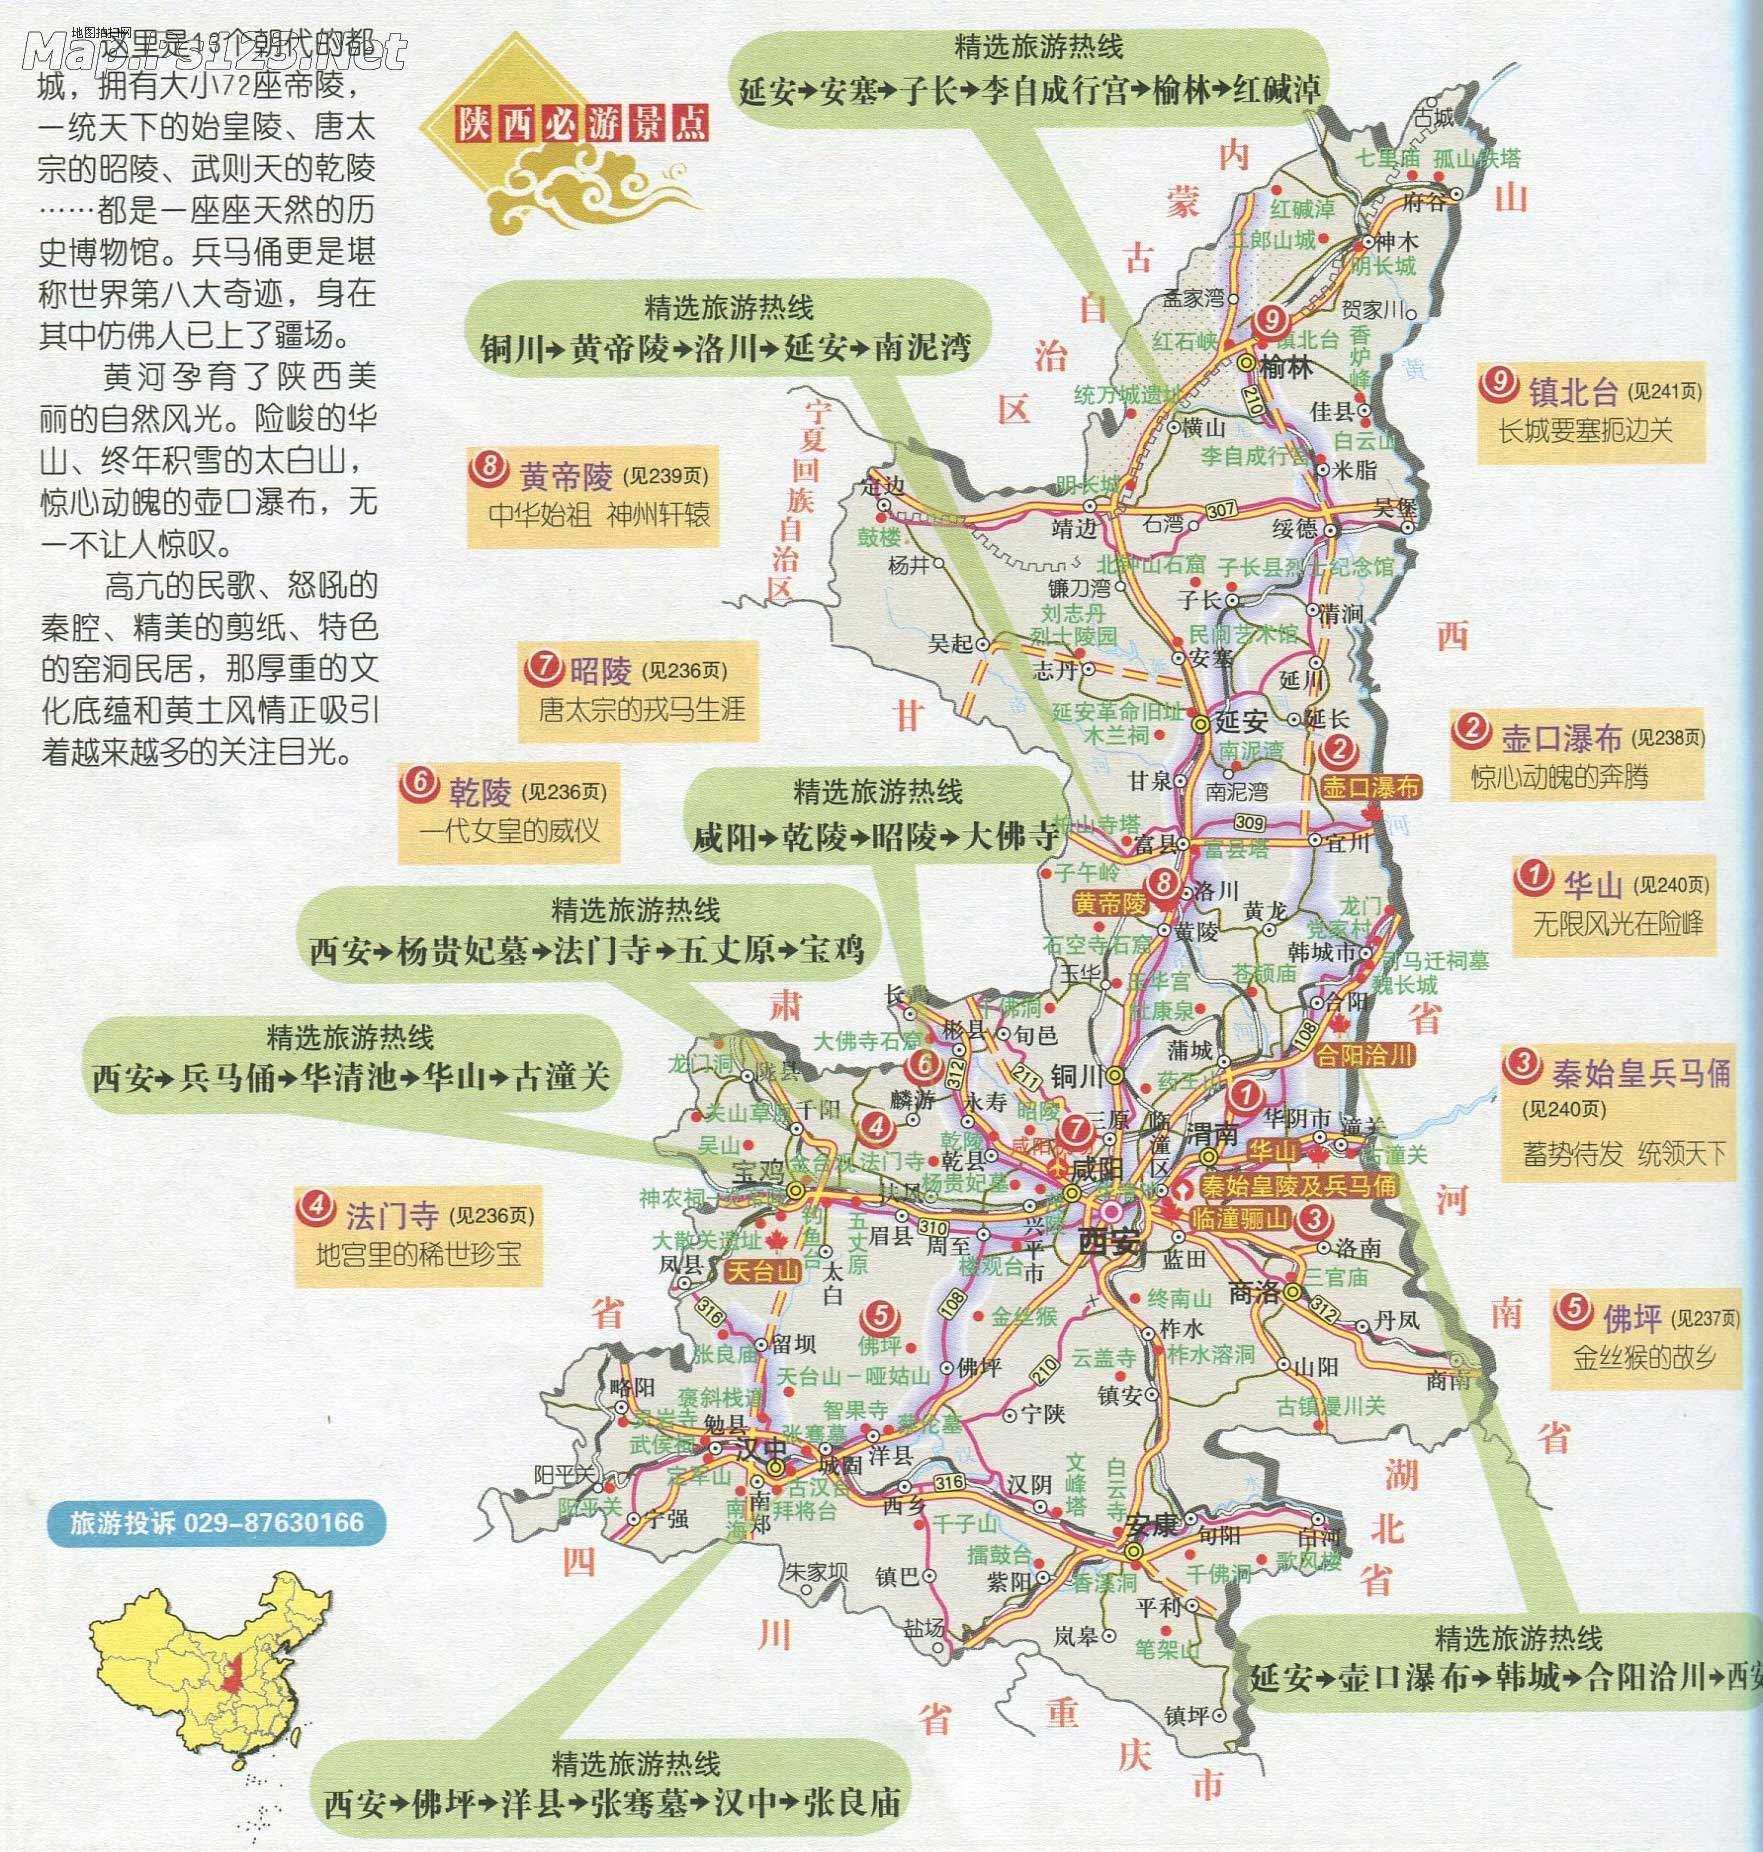 陕西必游旅游景点